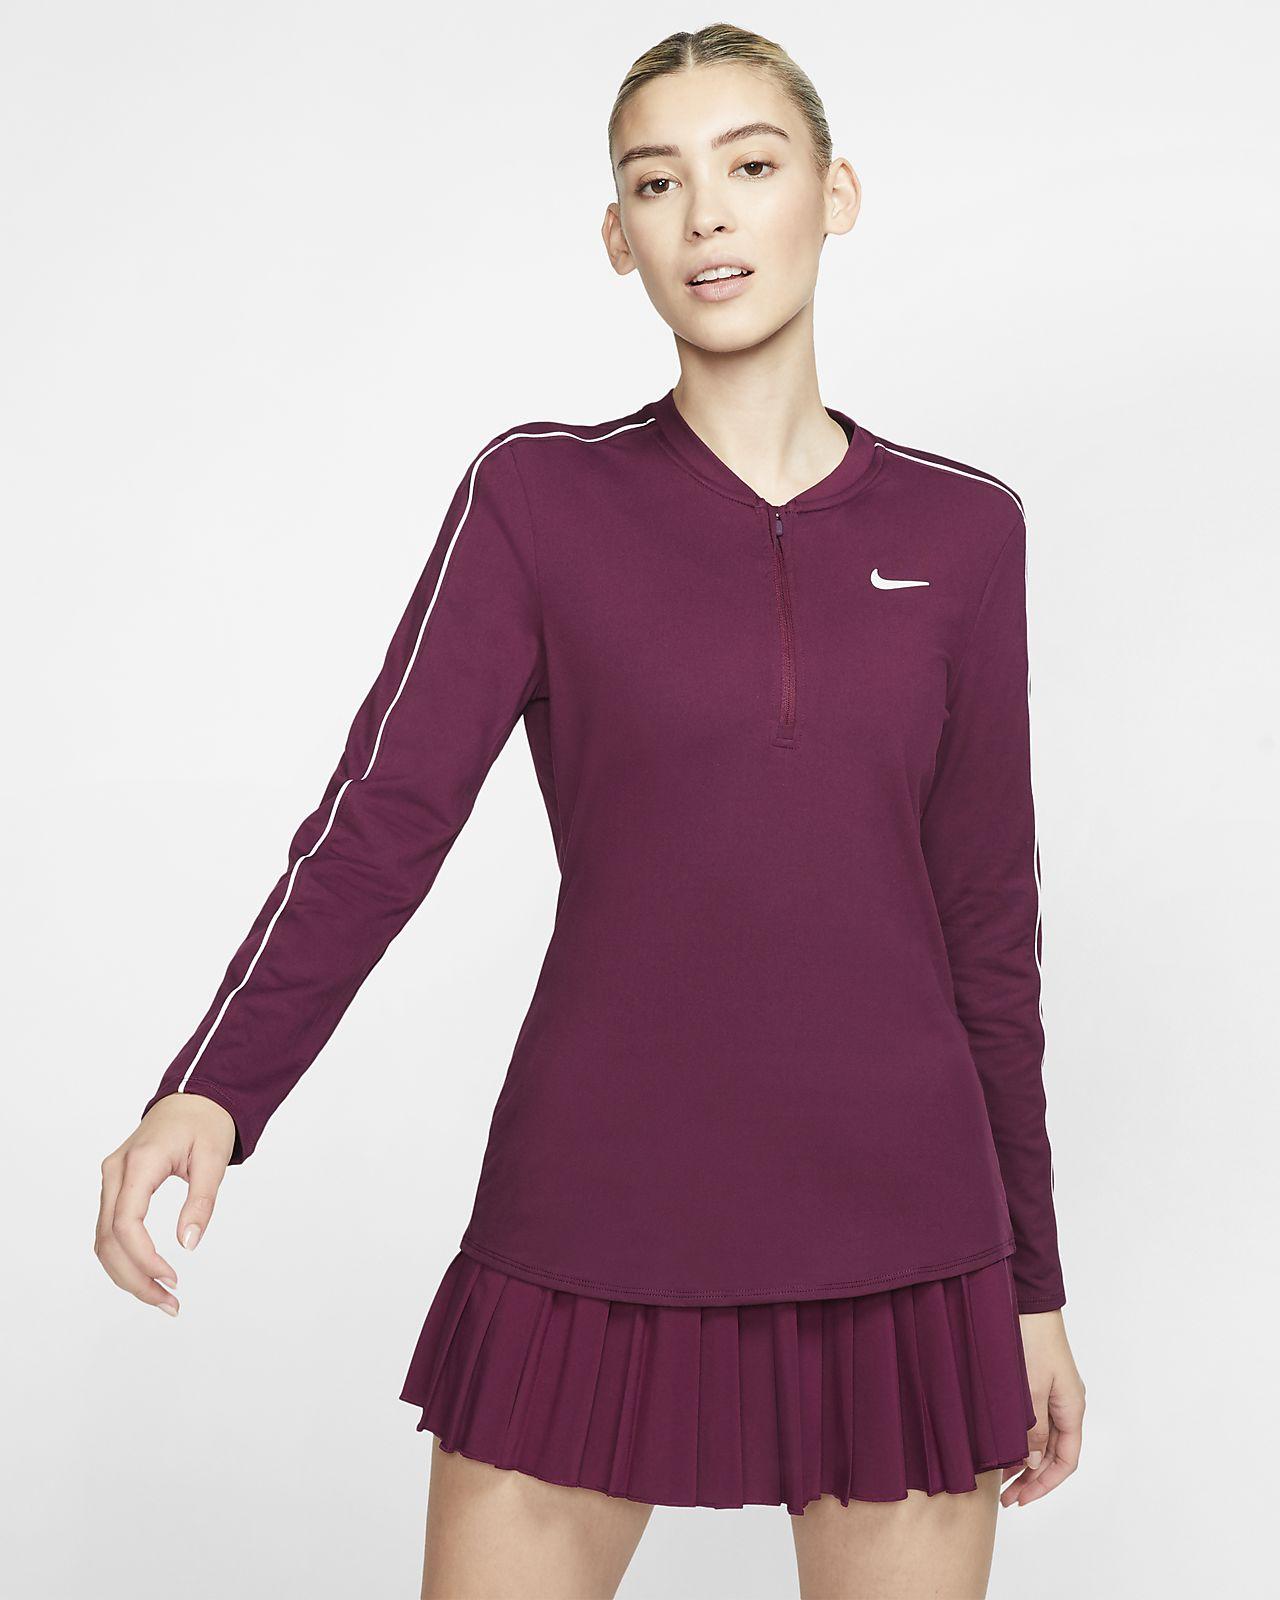 NikeCourt Dri-FIT Women's 1/2-Zip Tennis Top